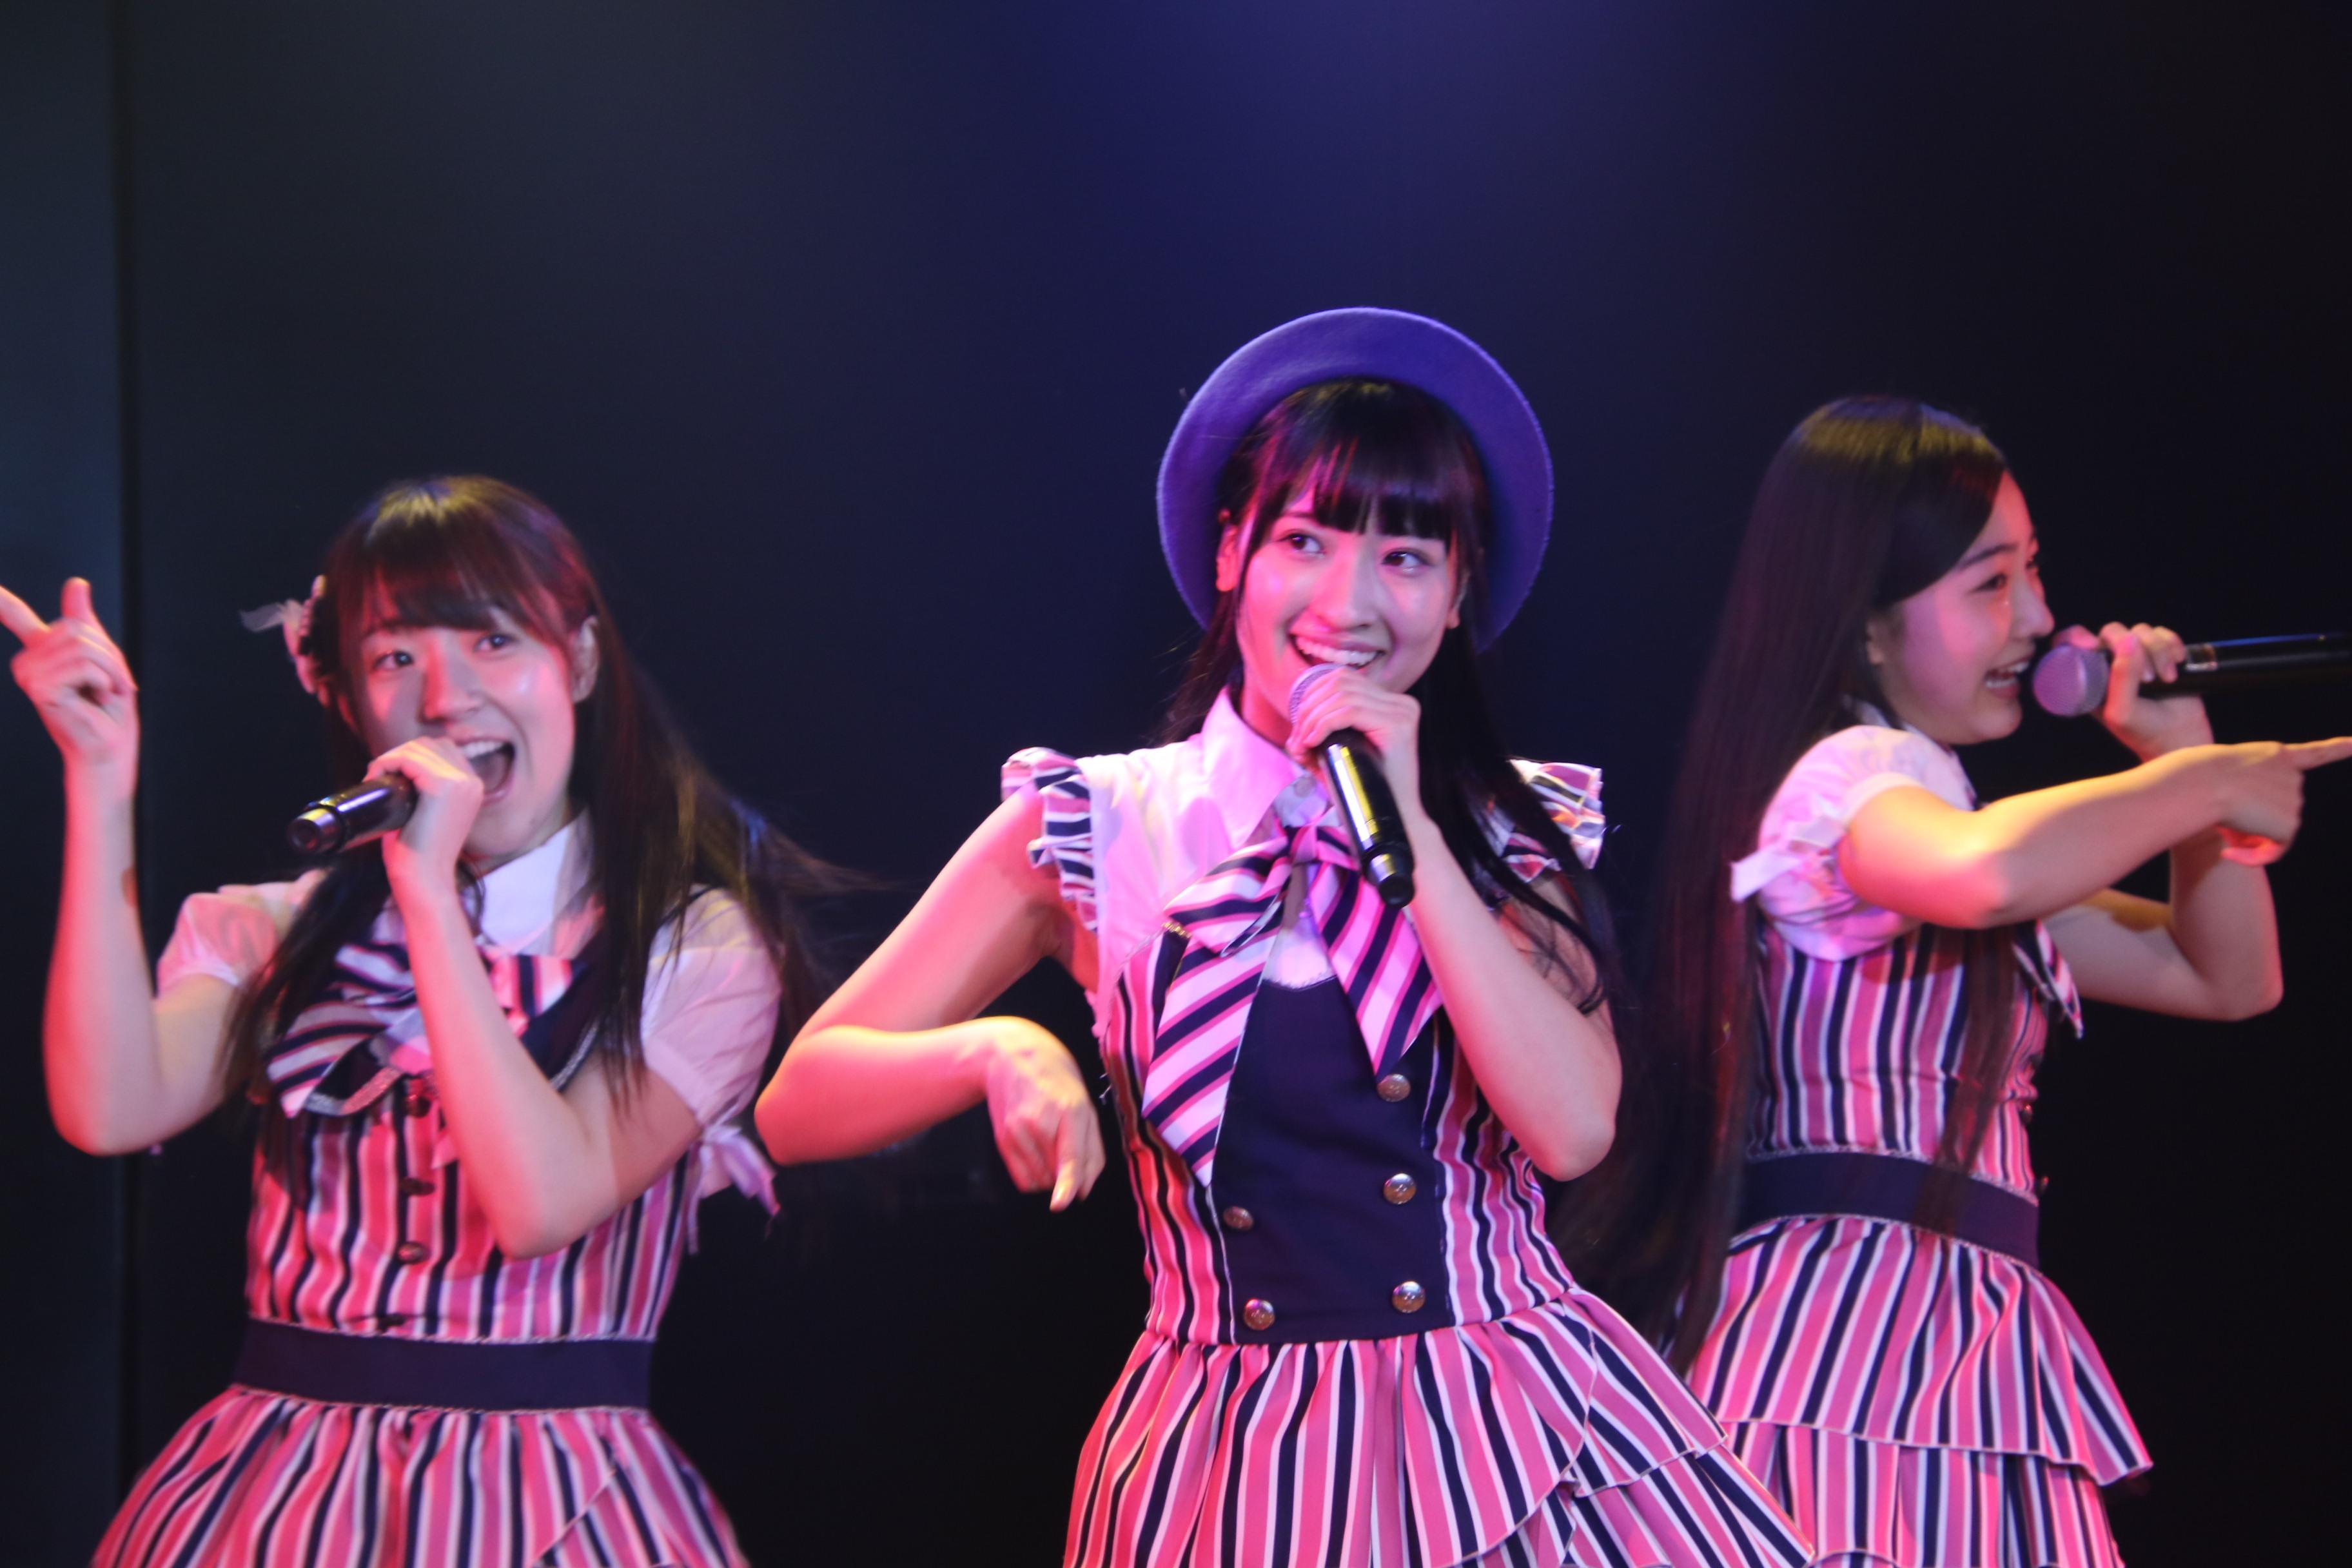 ミニスカートの妖精 (左から) 本⽥そら、庄司、道枝